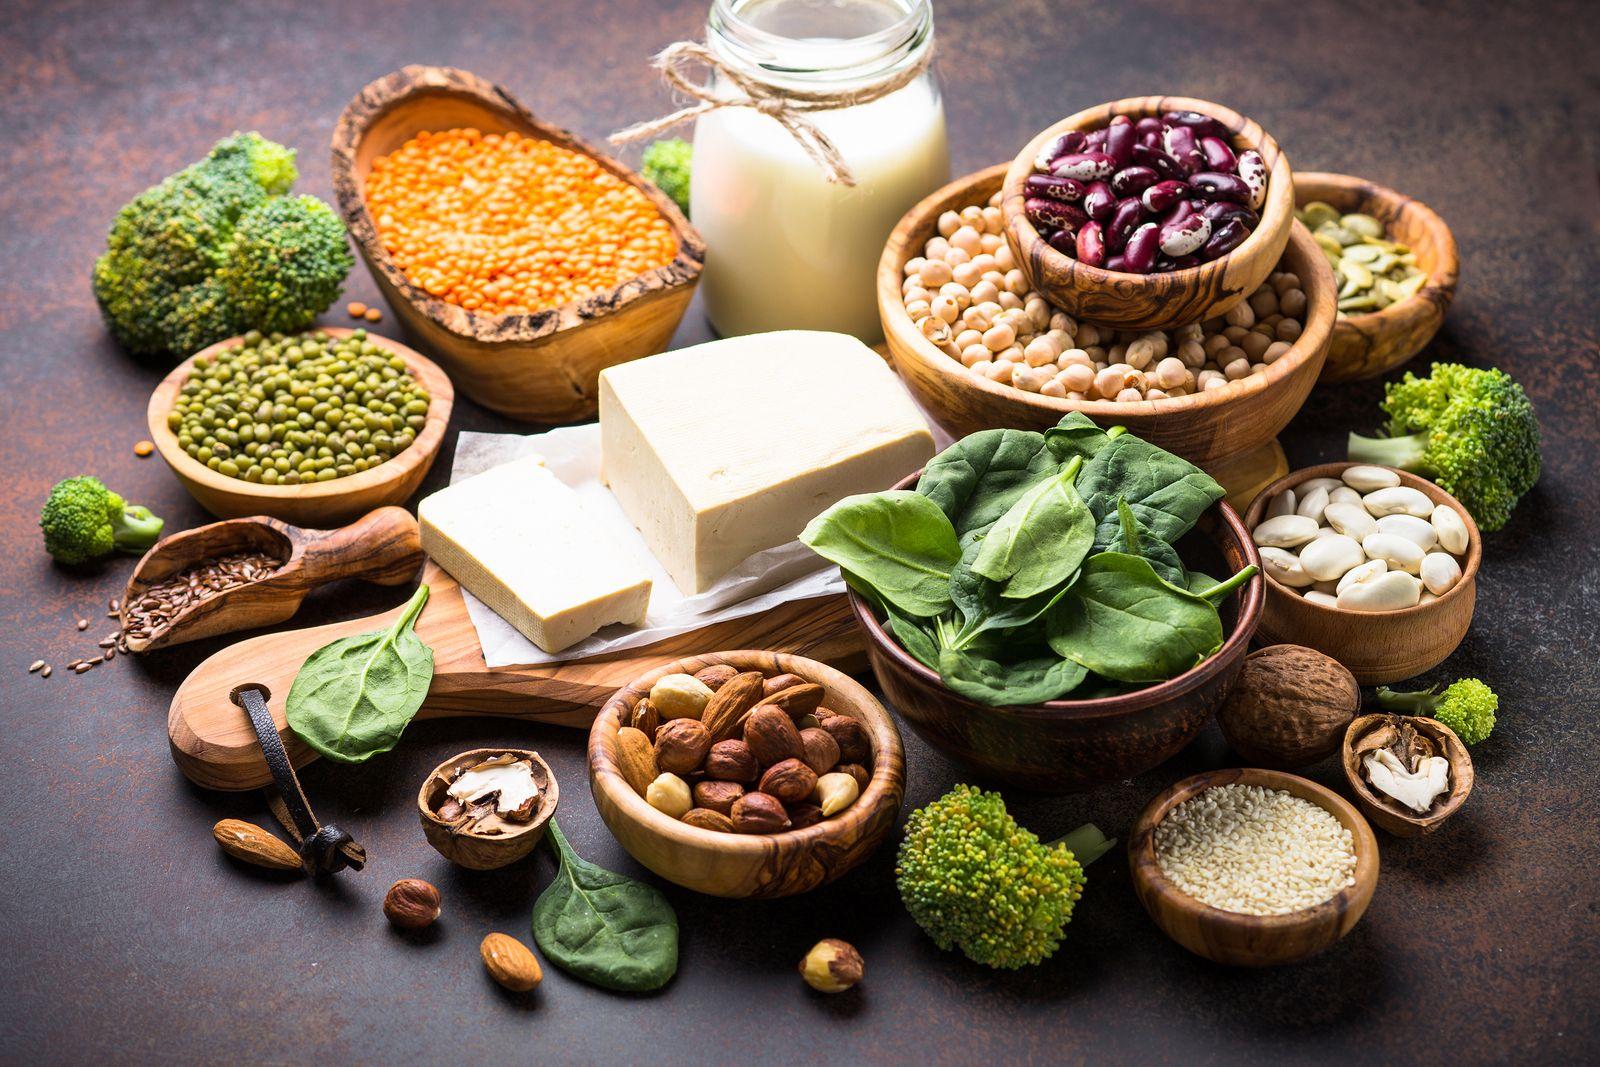 La dieta ovolactovegetariana: la alternativa más completa entre las tendencias vegetarianas.